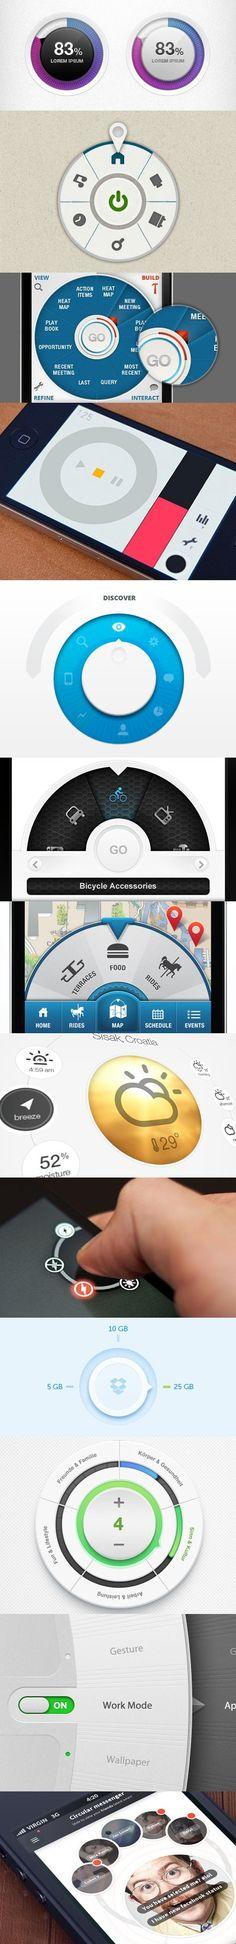 Eine Runde Sache 鈥?Mobile UI . Design Blog . Great White Ark . Social Media…